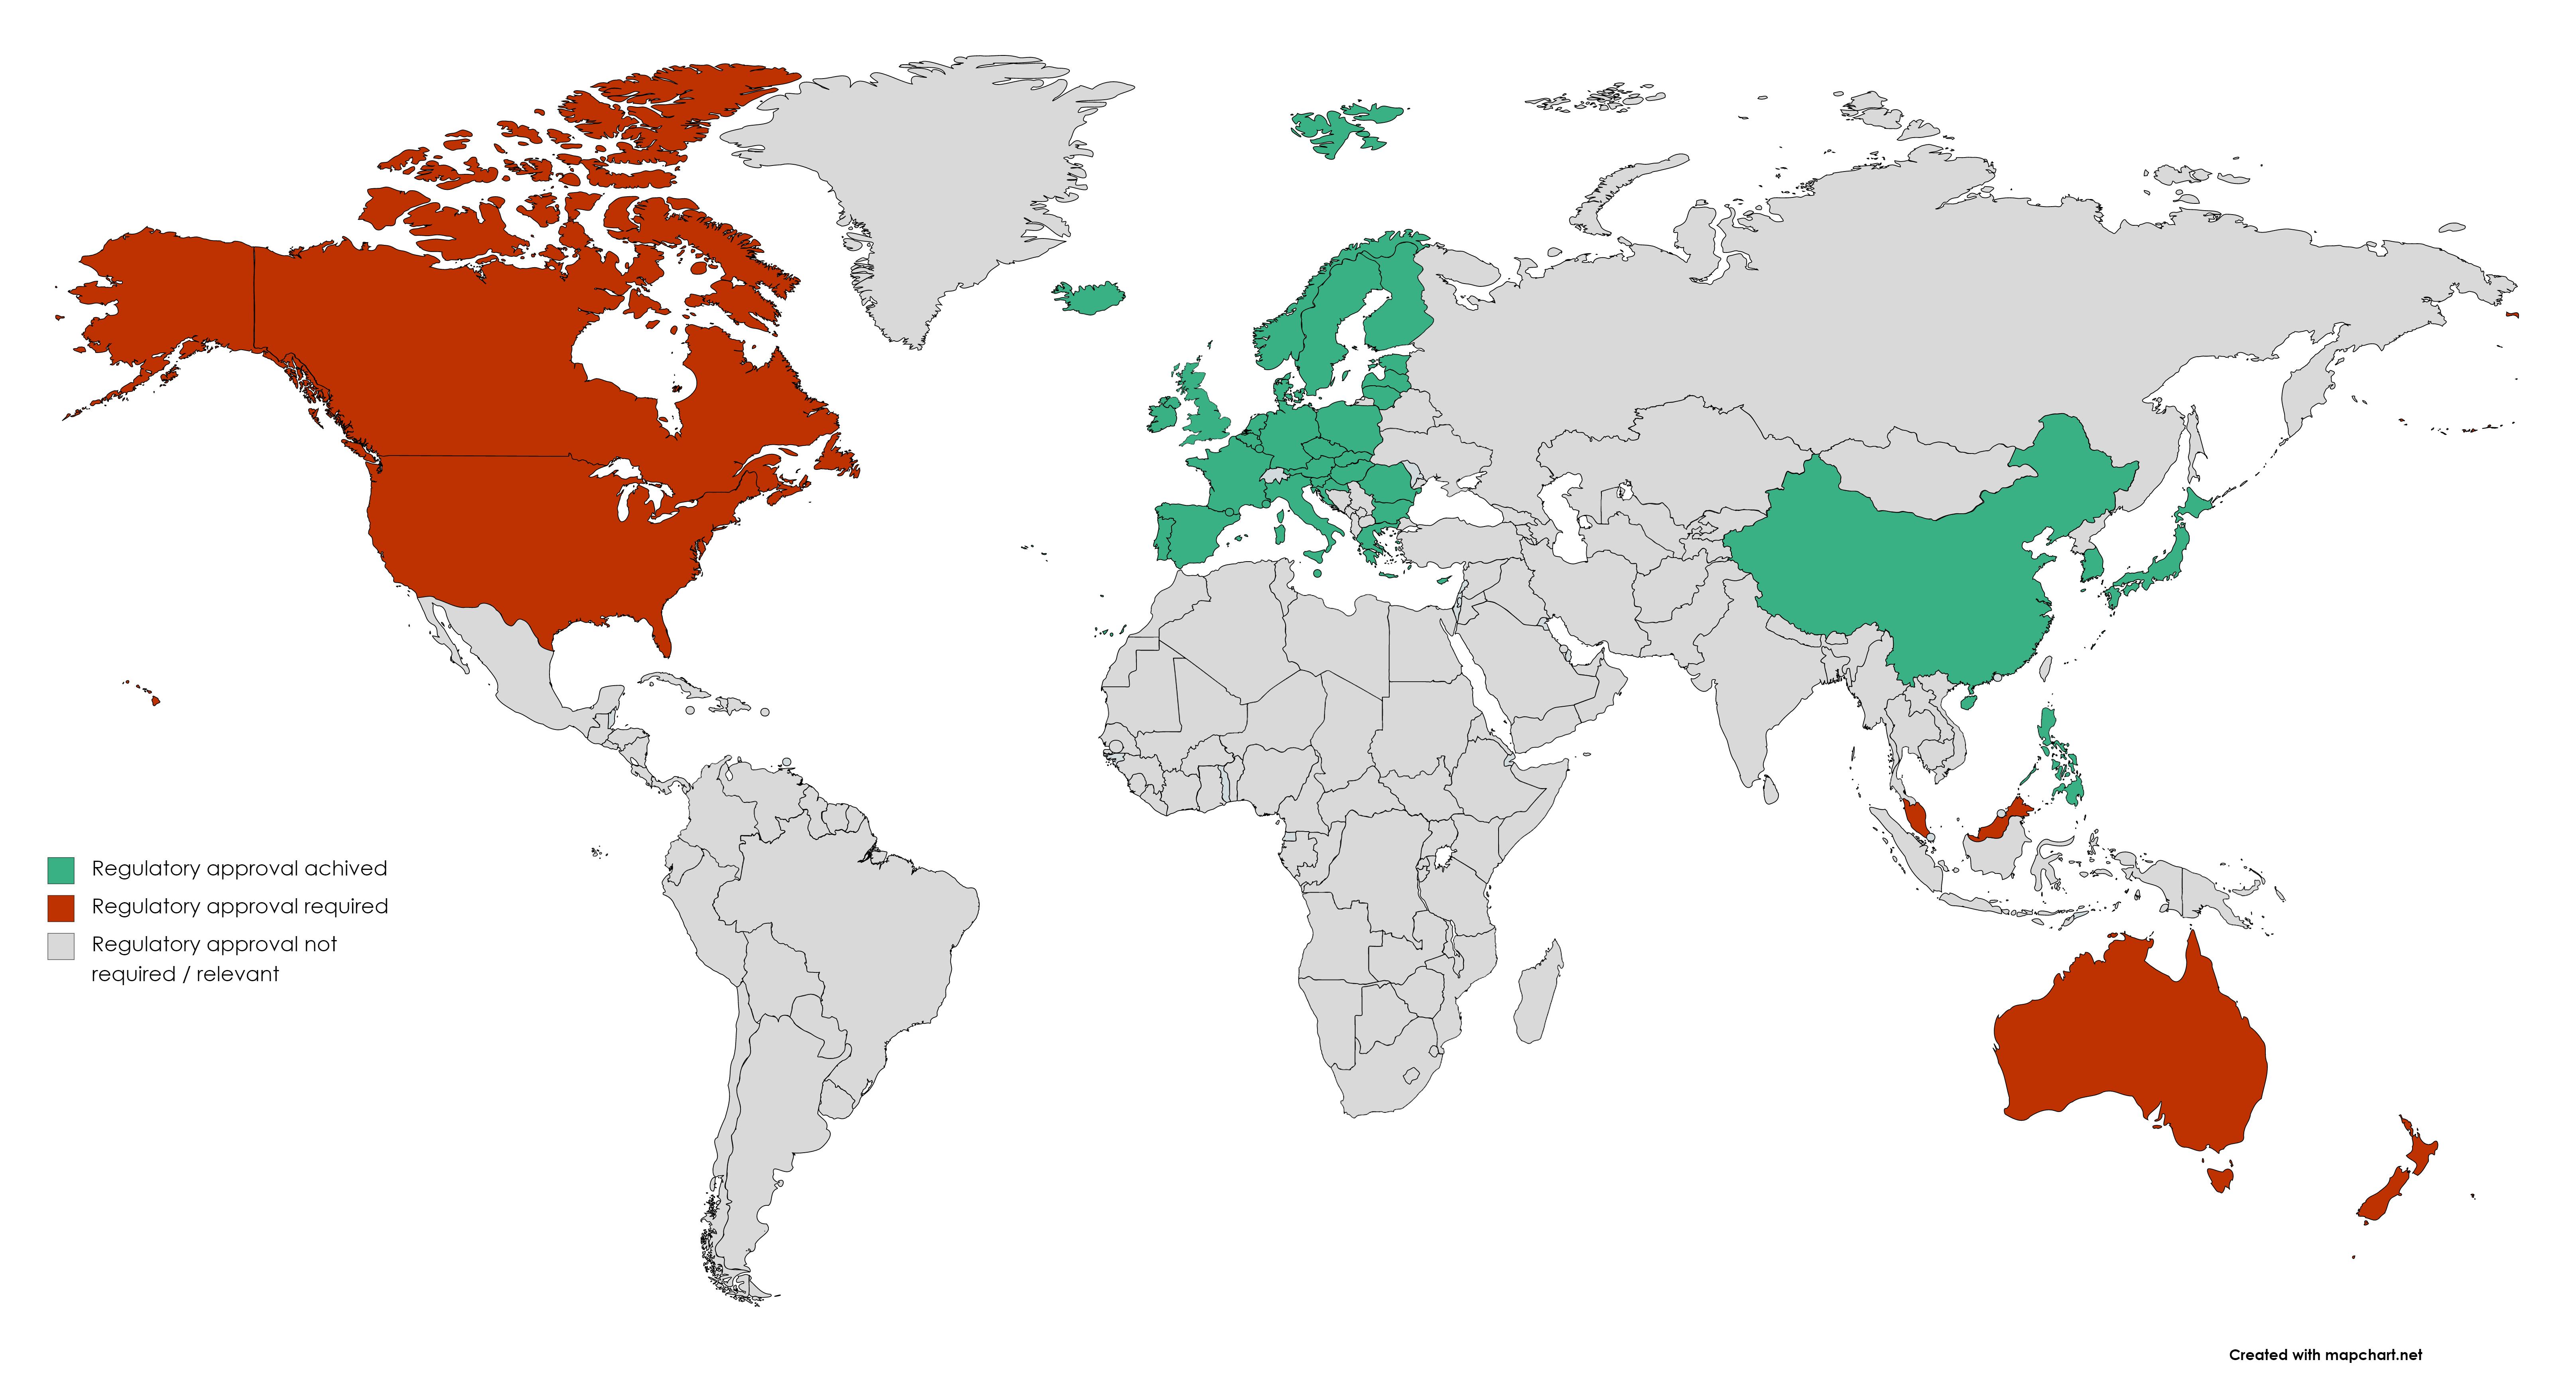 Regulatory map